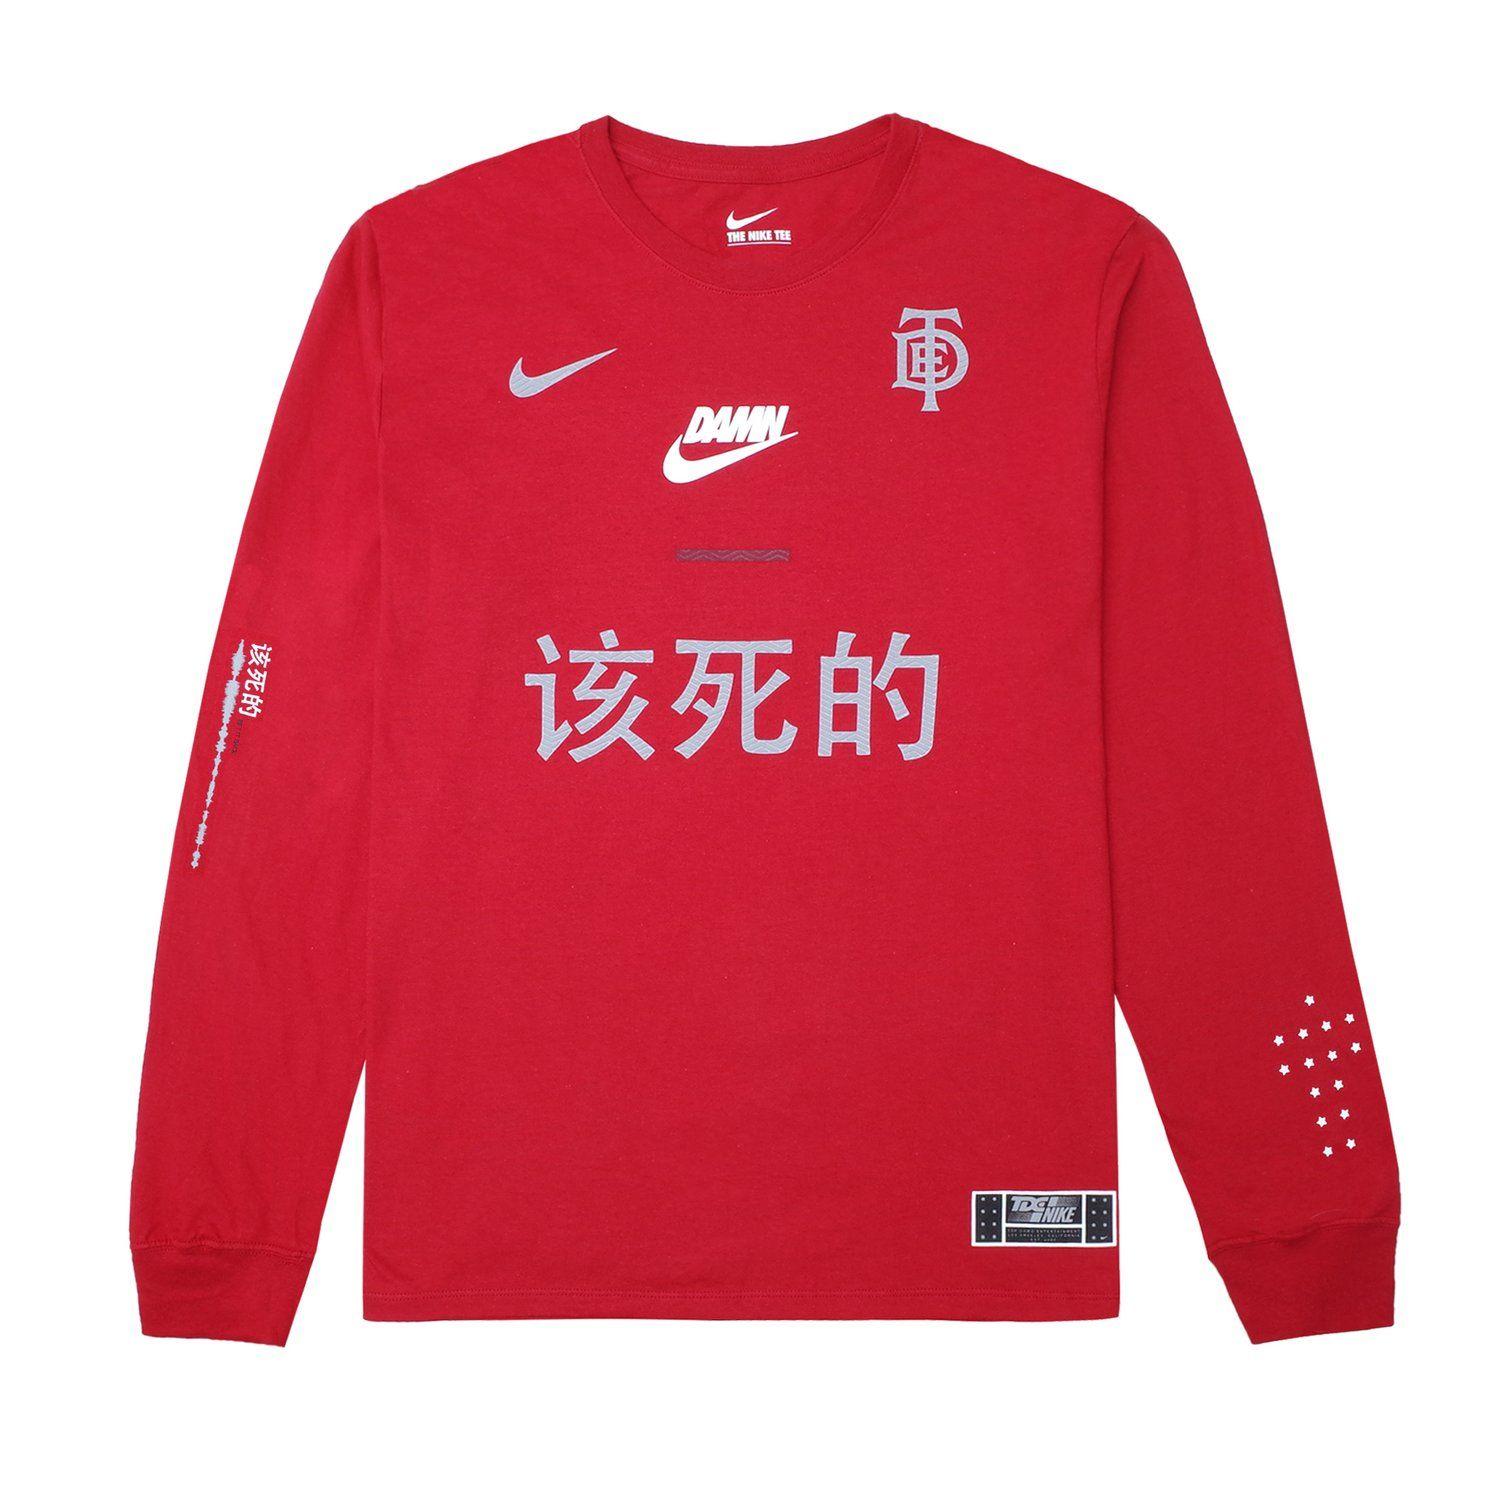 colori armoniosi piuttosto fico in vendita all'ingrosso Nike x Kendrick Lamar L/S T-Shirt (Red)